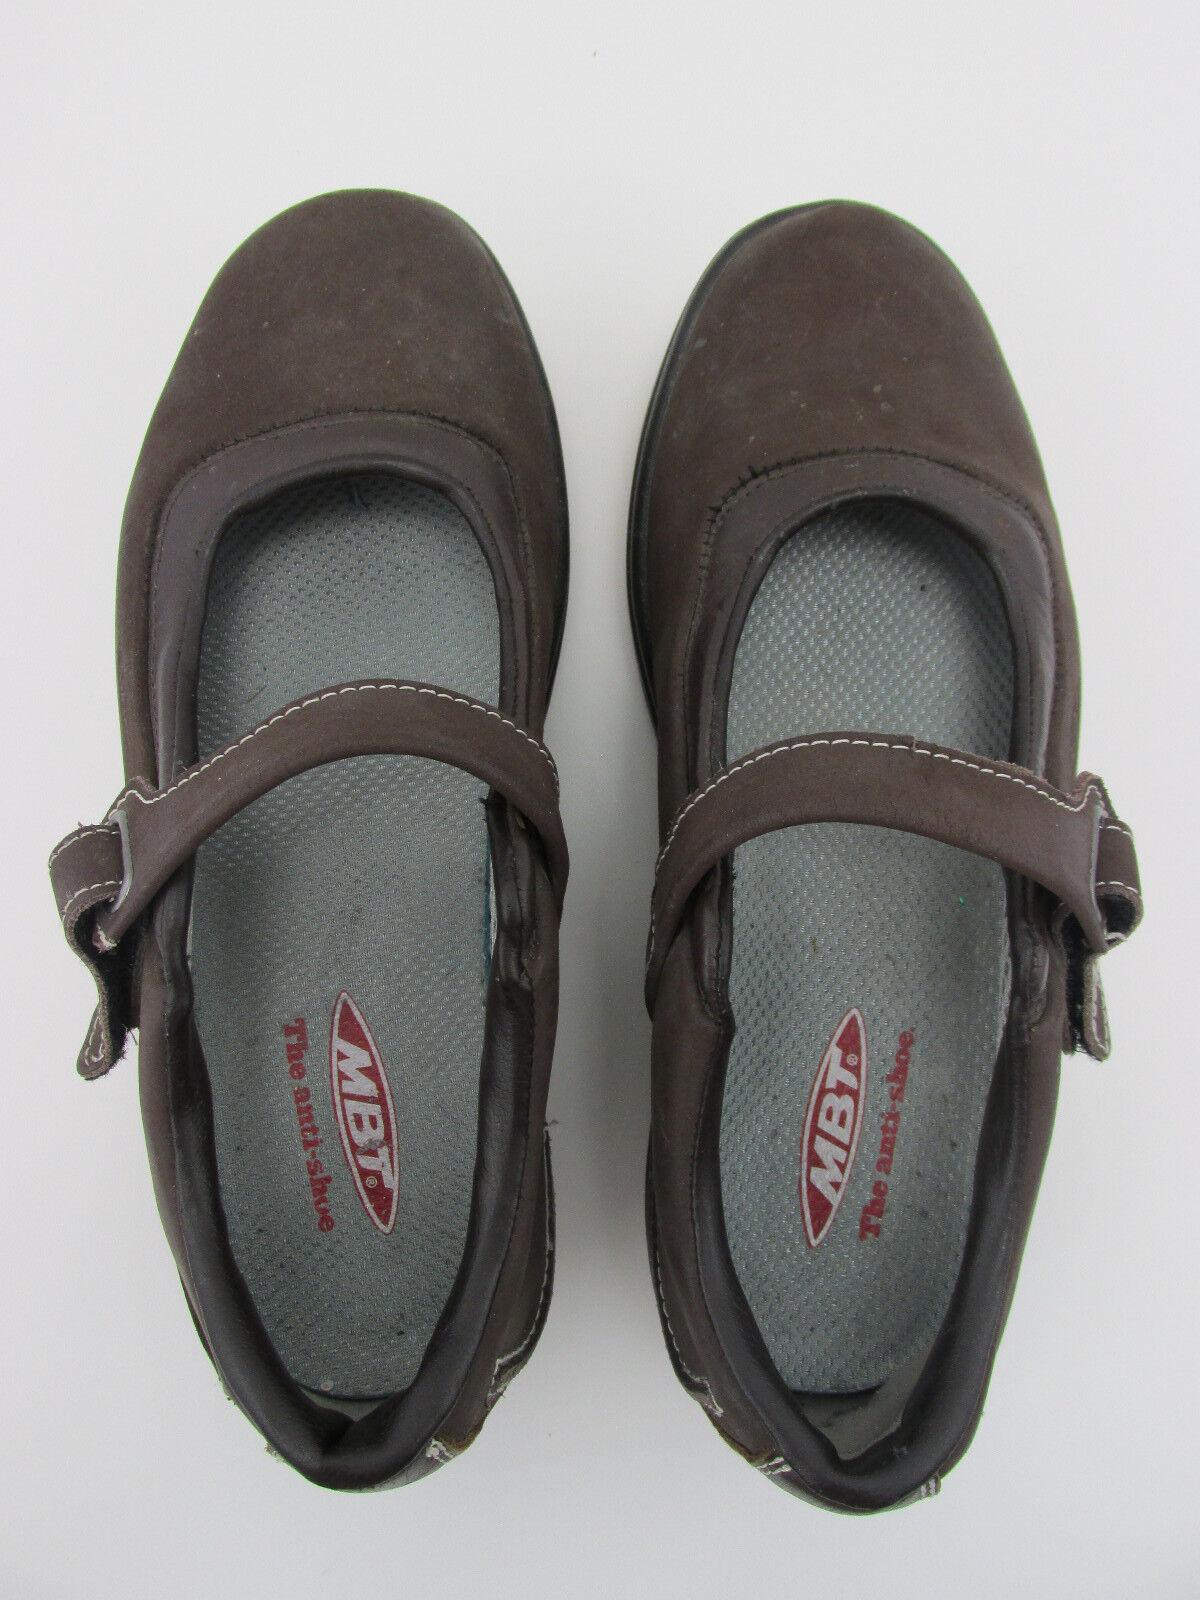 Mbt Kaya Kaya Kaya Mary Janes nubuck marrón zapatos para caminar Para Mujer 10 Eu 41  marcas de moda